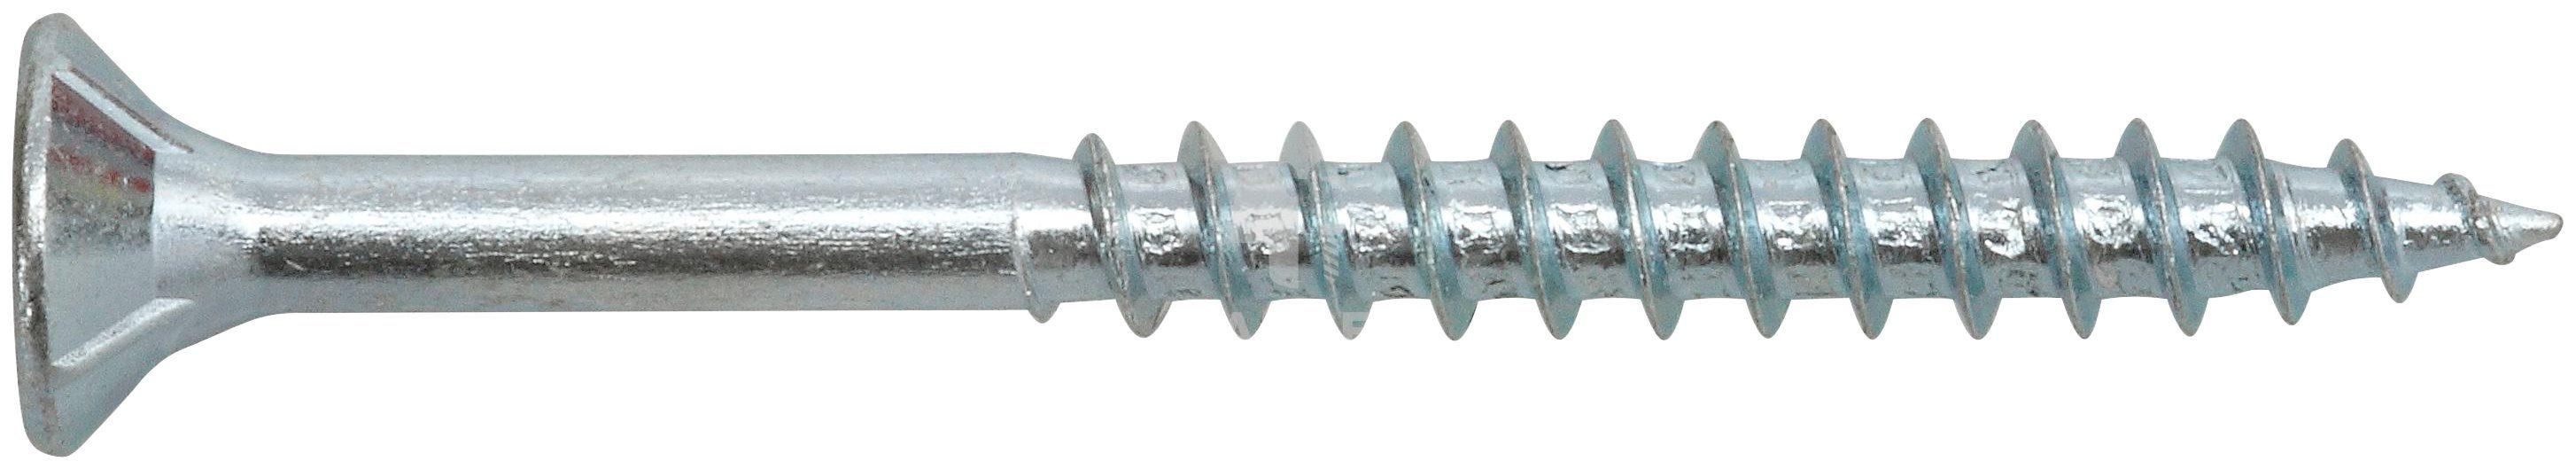 RAMSES Schrauben , Spanplattenschraube 6 x 100 mm 25 Stk.